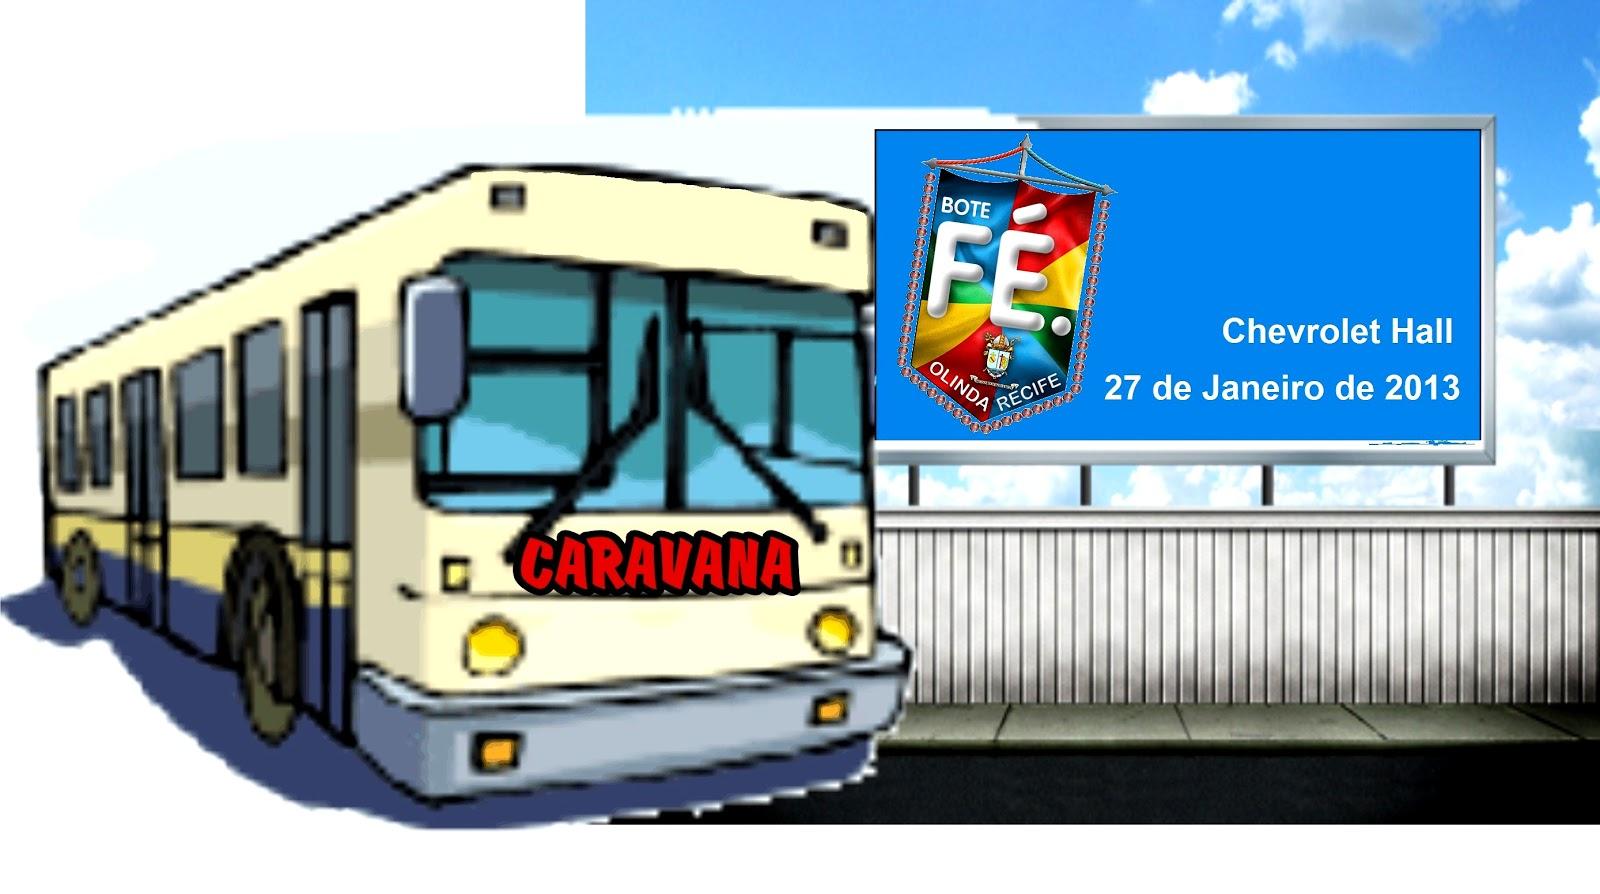 Uncio as s caravanas Olinda-6848